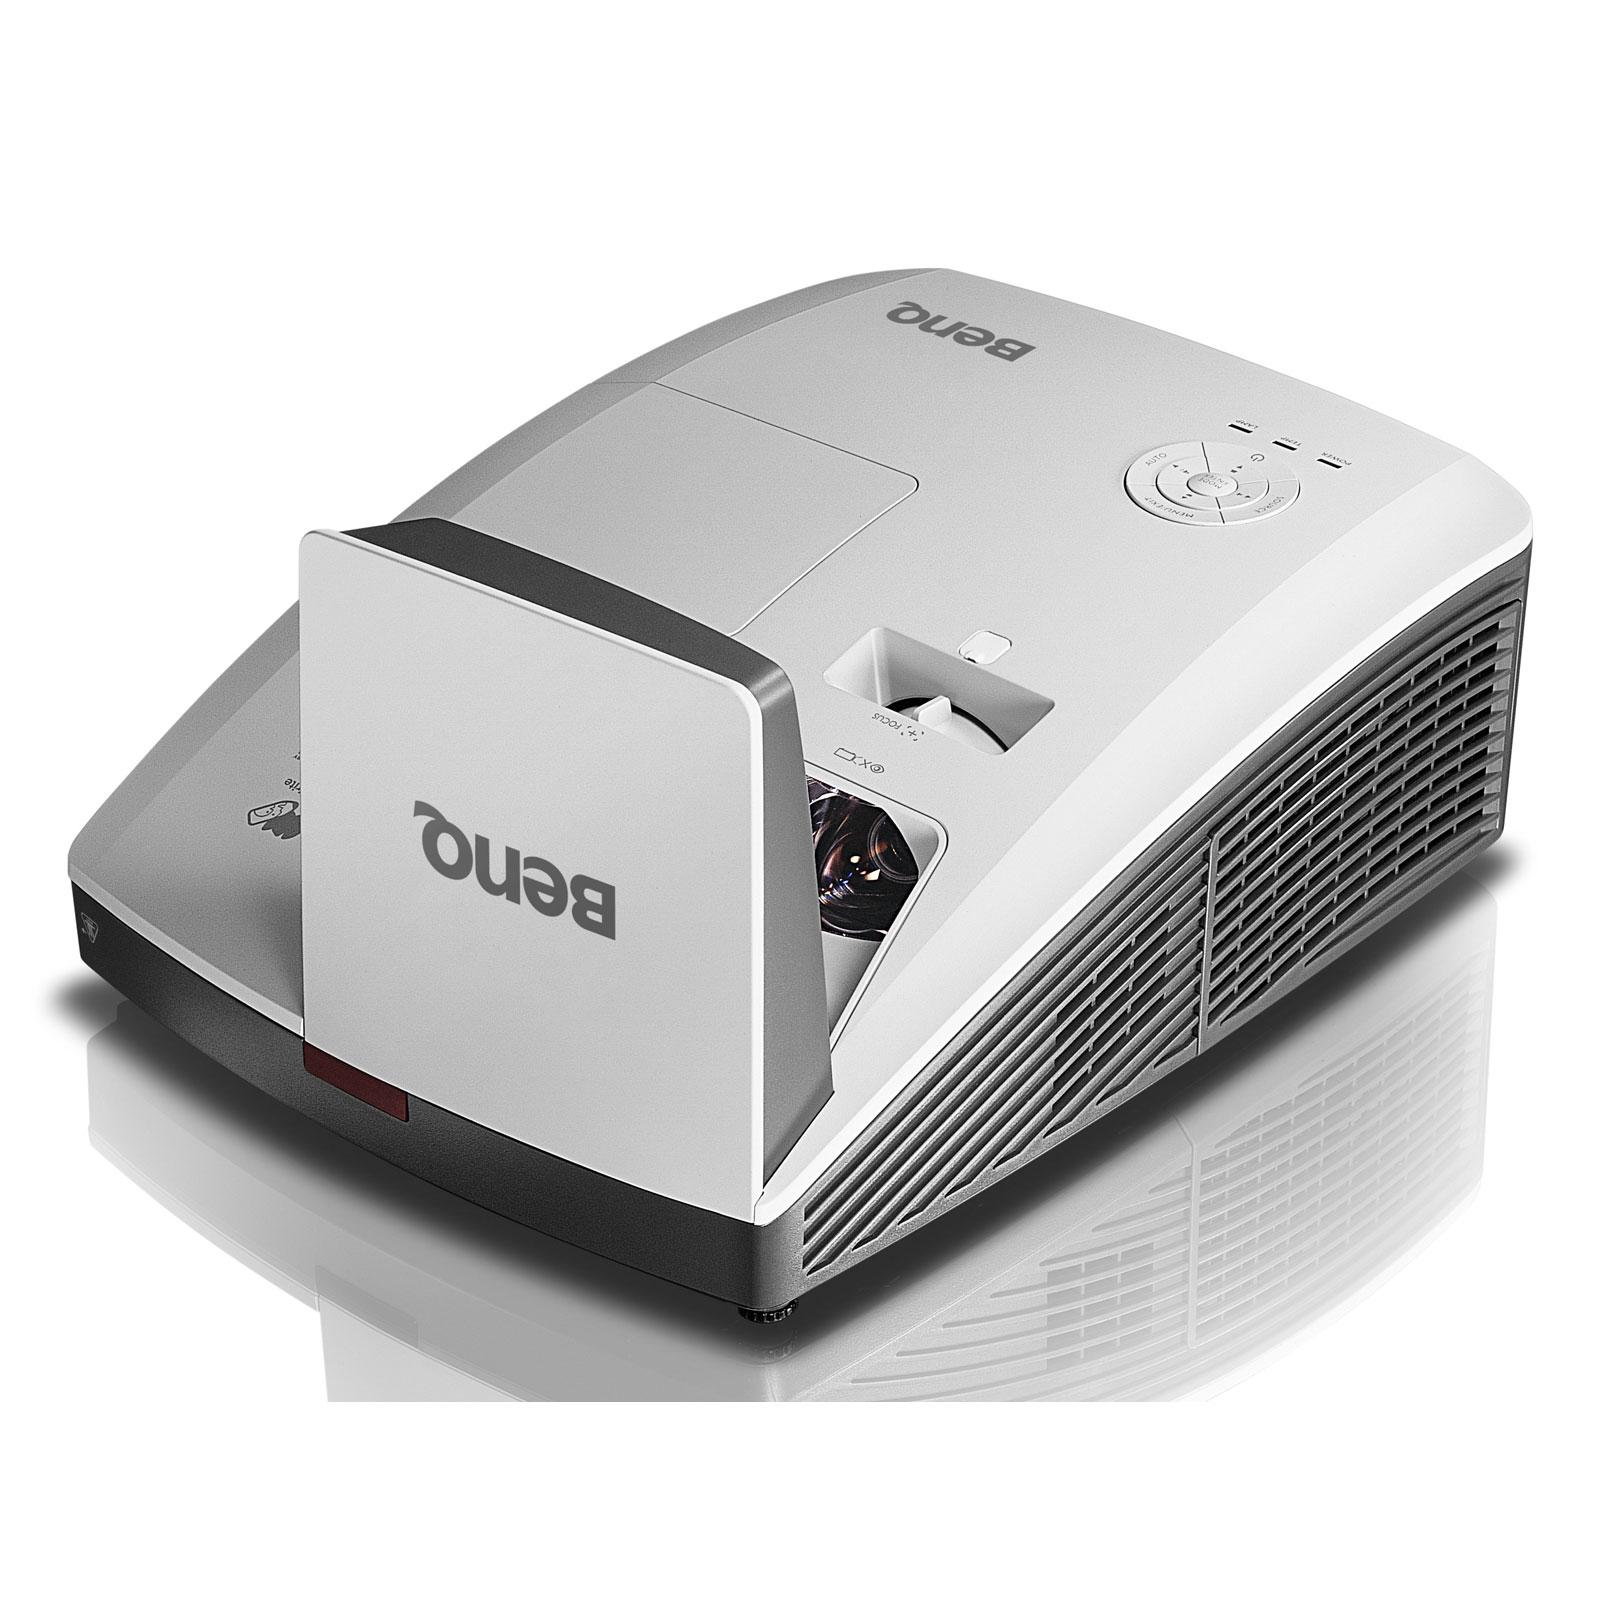 Vidéoprojecteur BenQ MW853UST+ Vidéoprojecteur DLP WXGA 3D Ready 3200 Lumens Focale Ultra-courte et Lens Shift